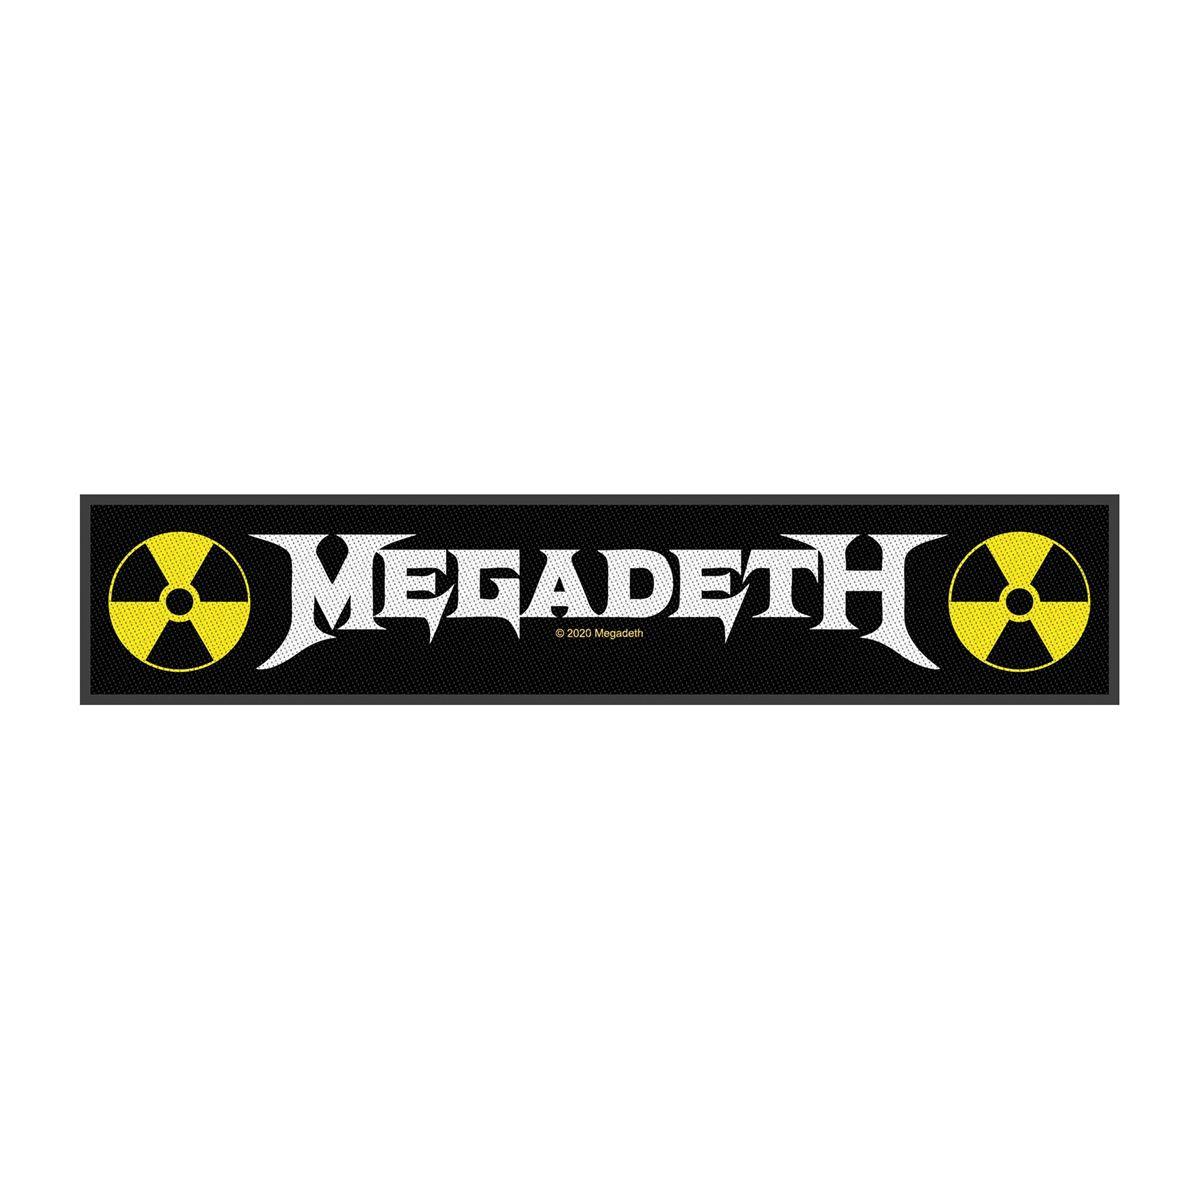 MEGADETH - LOGO strip patch